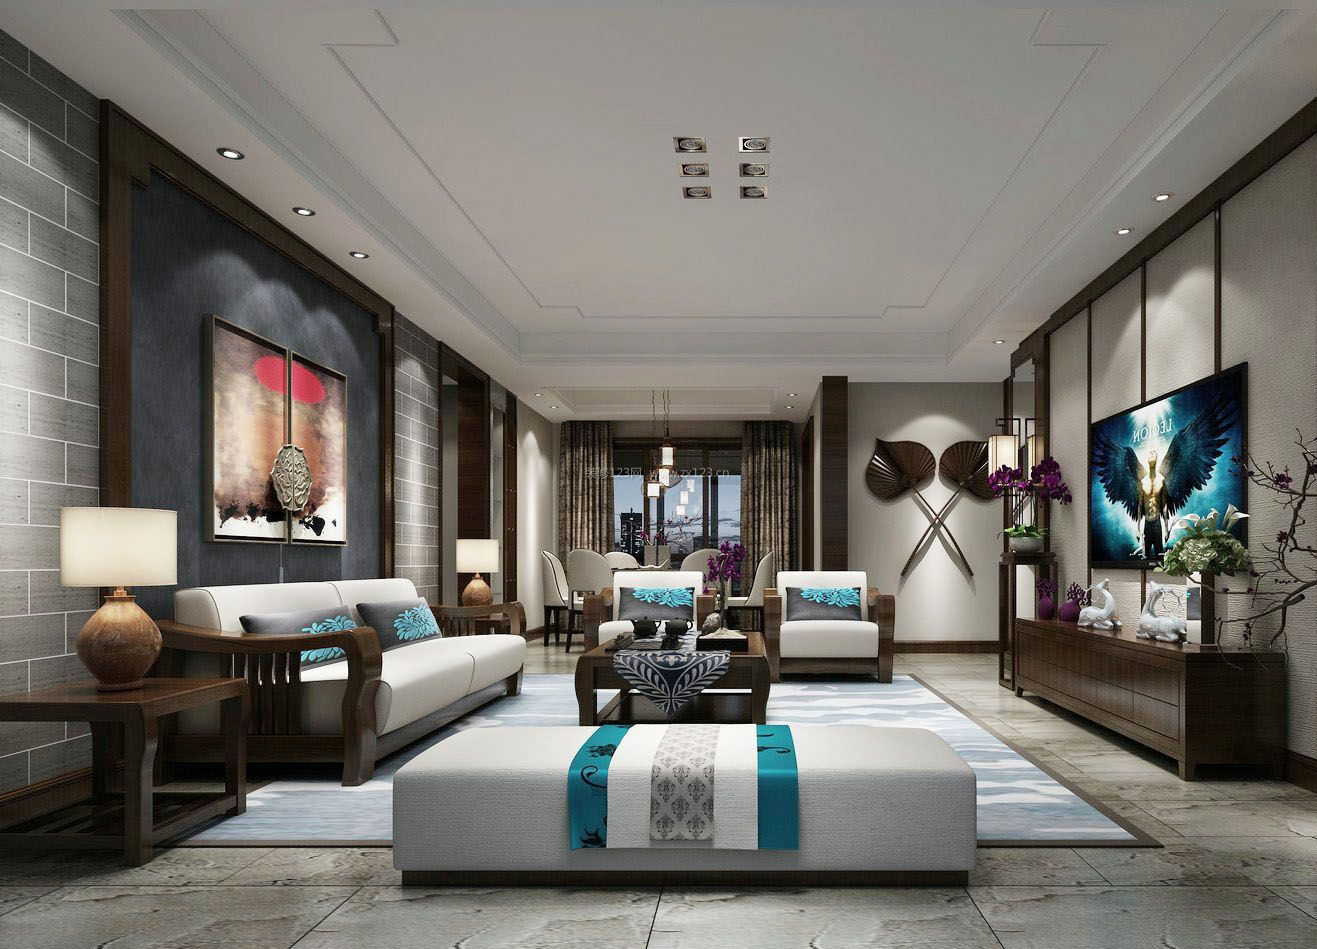 中式客厅顶部装修模型效果图